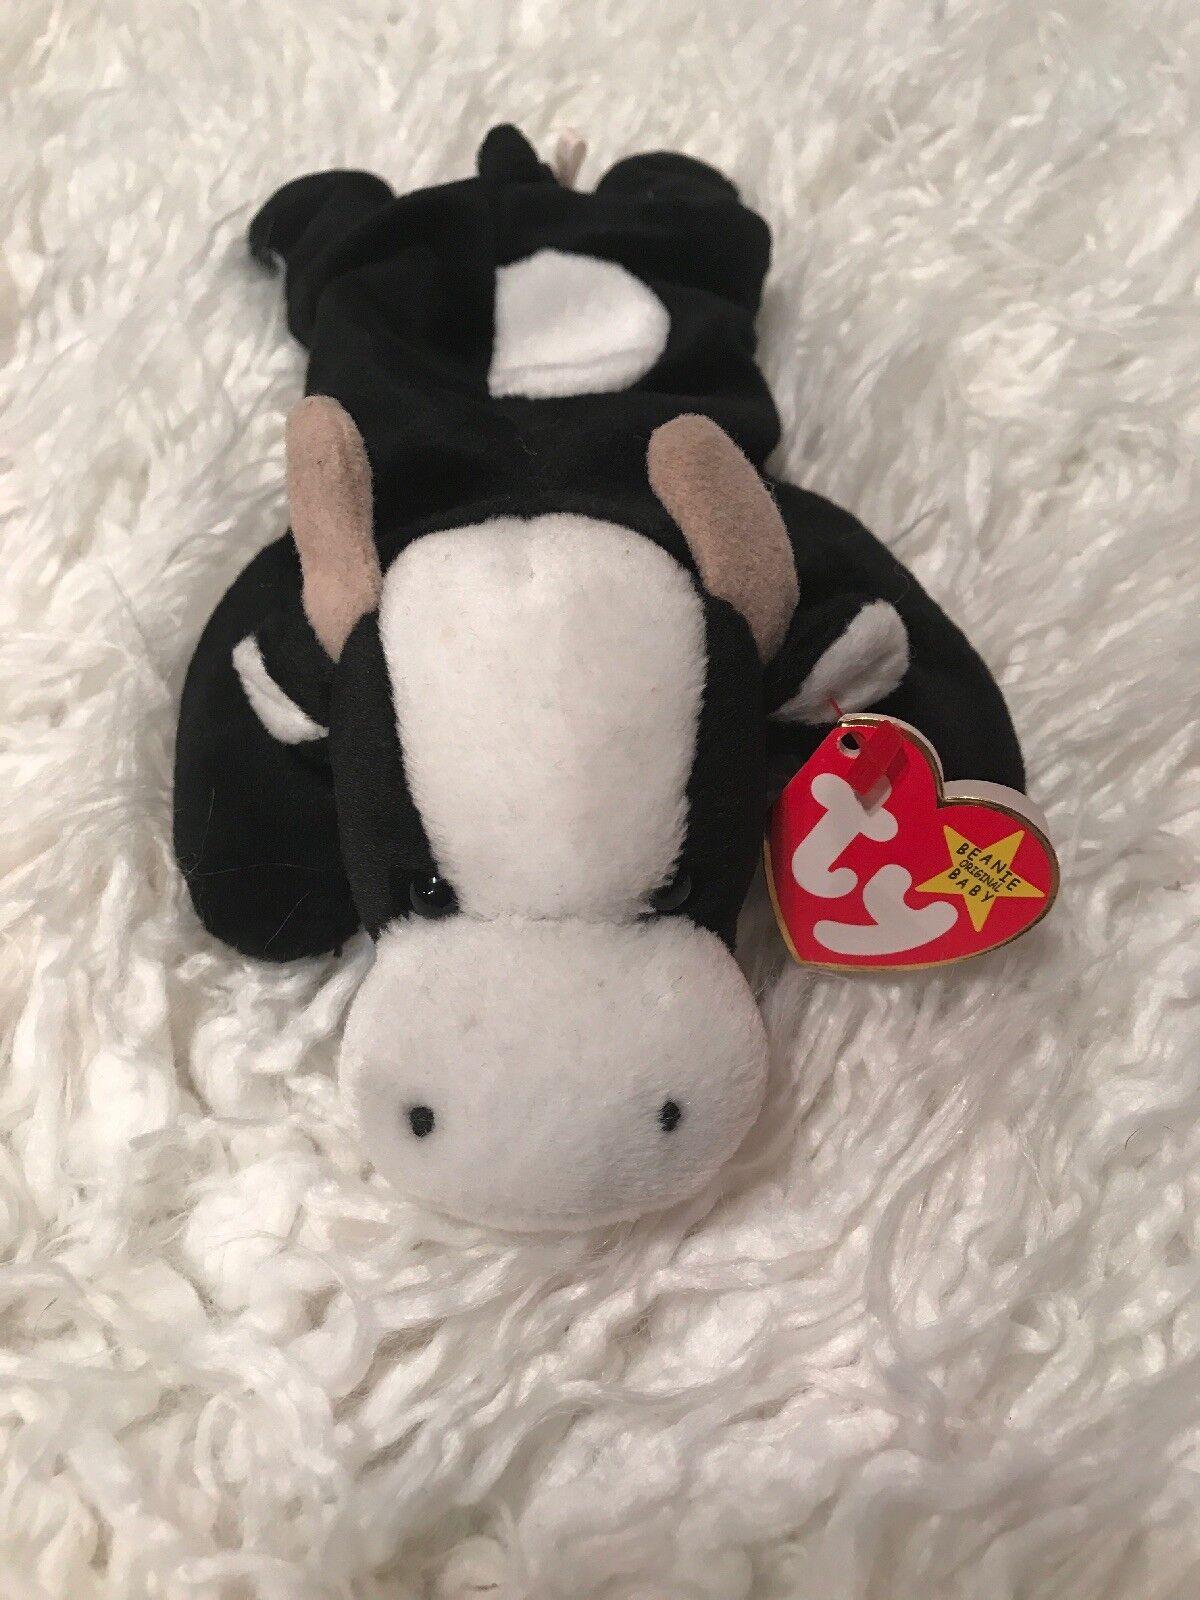 Ty Beanie Baby Daisy the Cow, May 10, 1994 , PVC, Style 4006, RARE, ERRORS